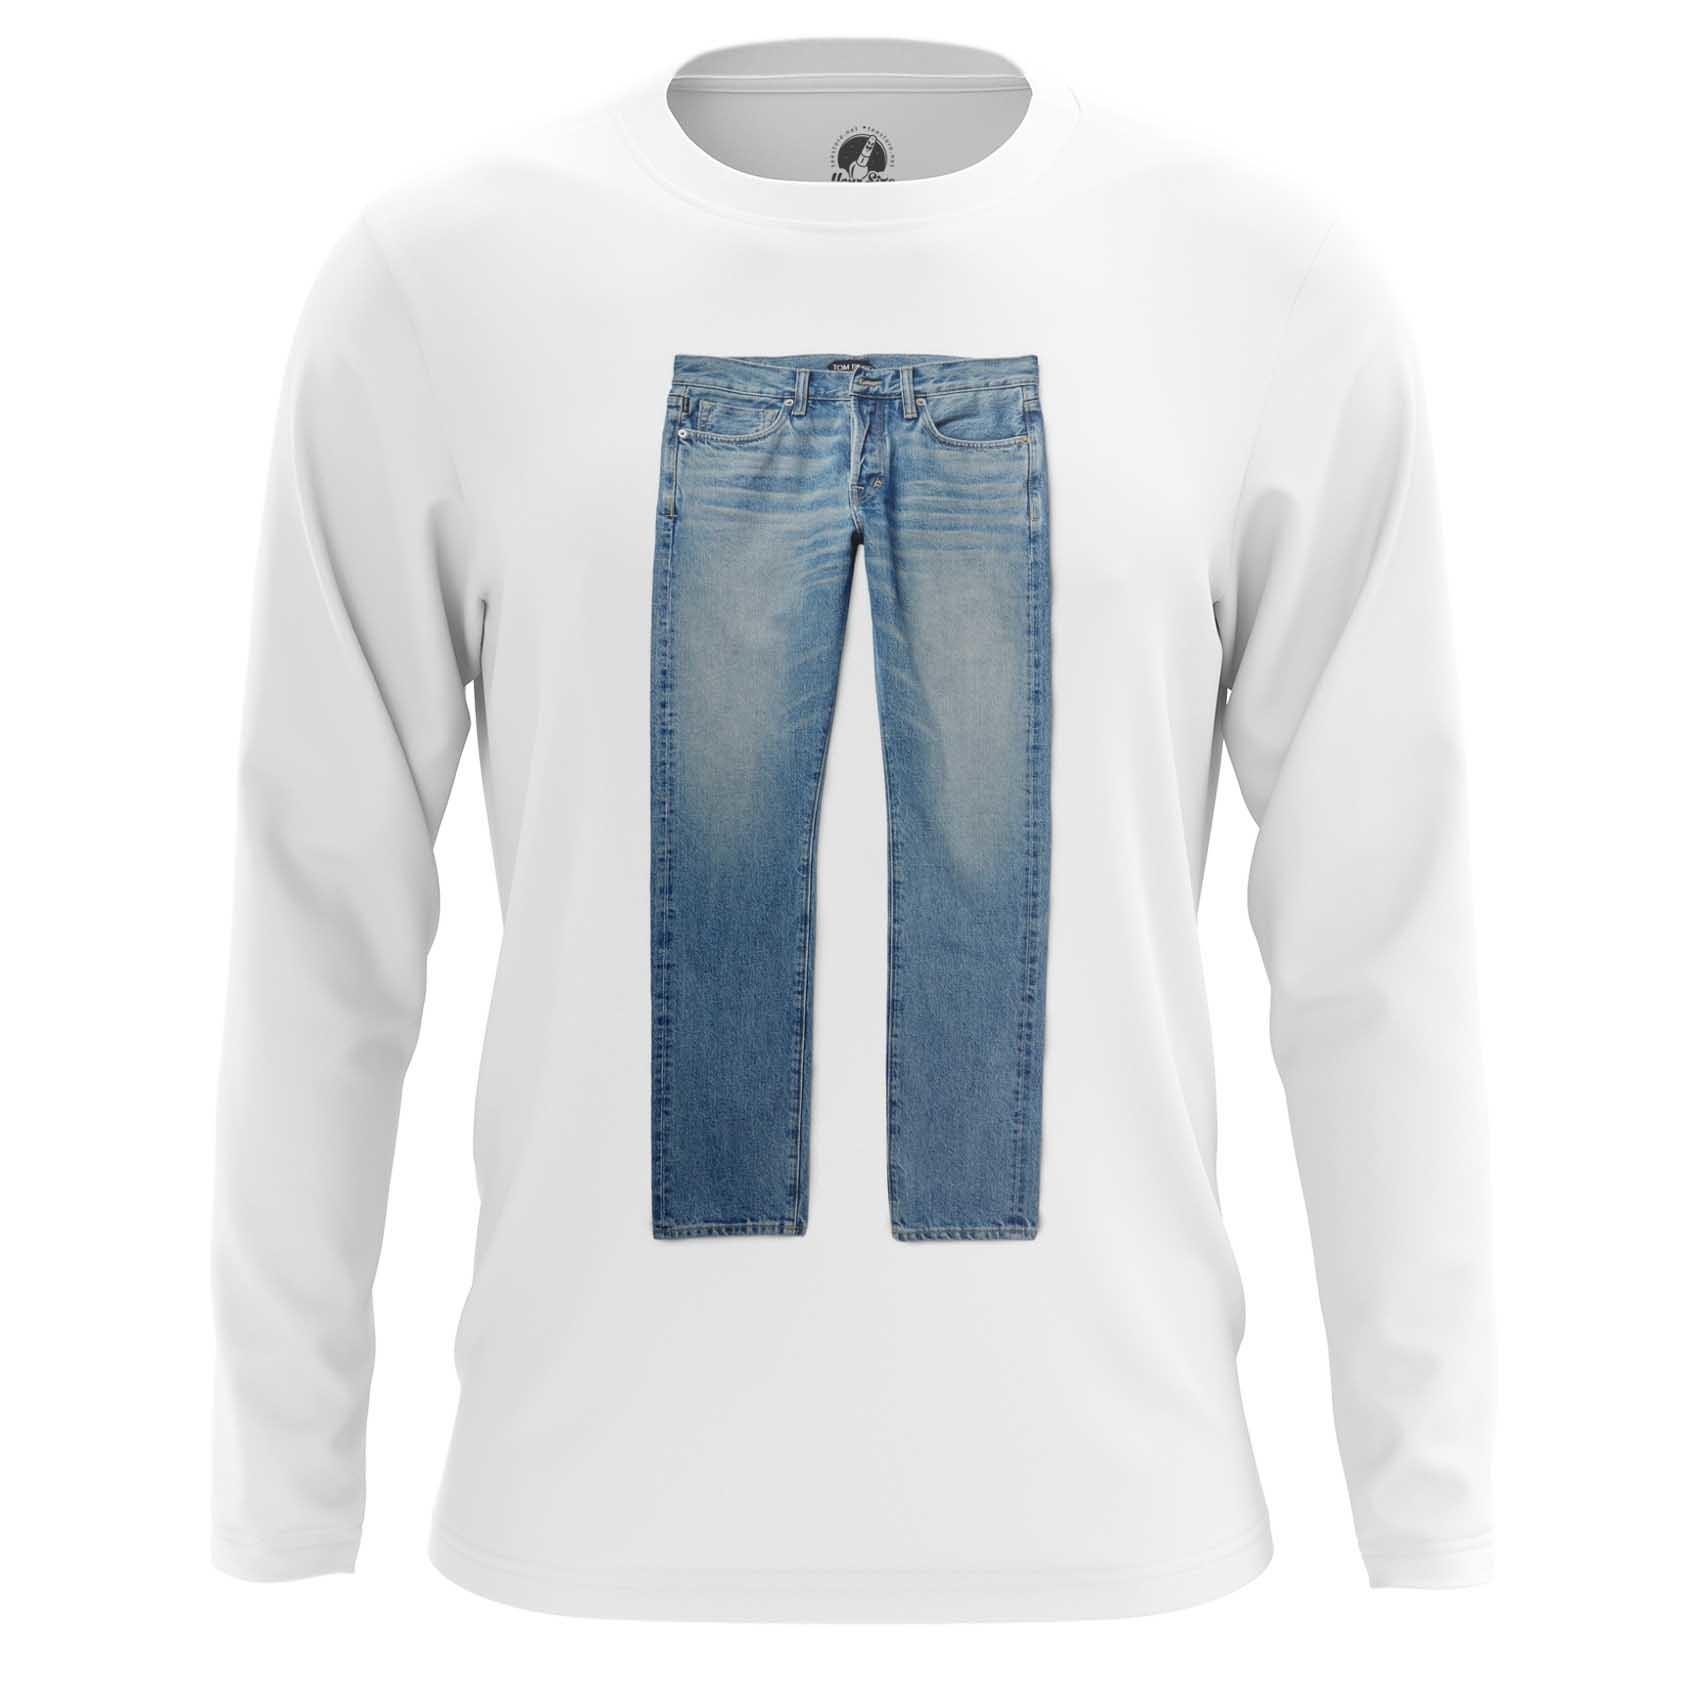 Футболка с джинсами купить